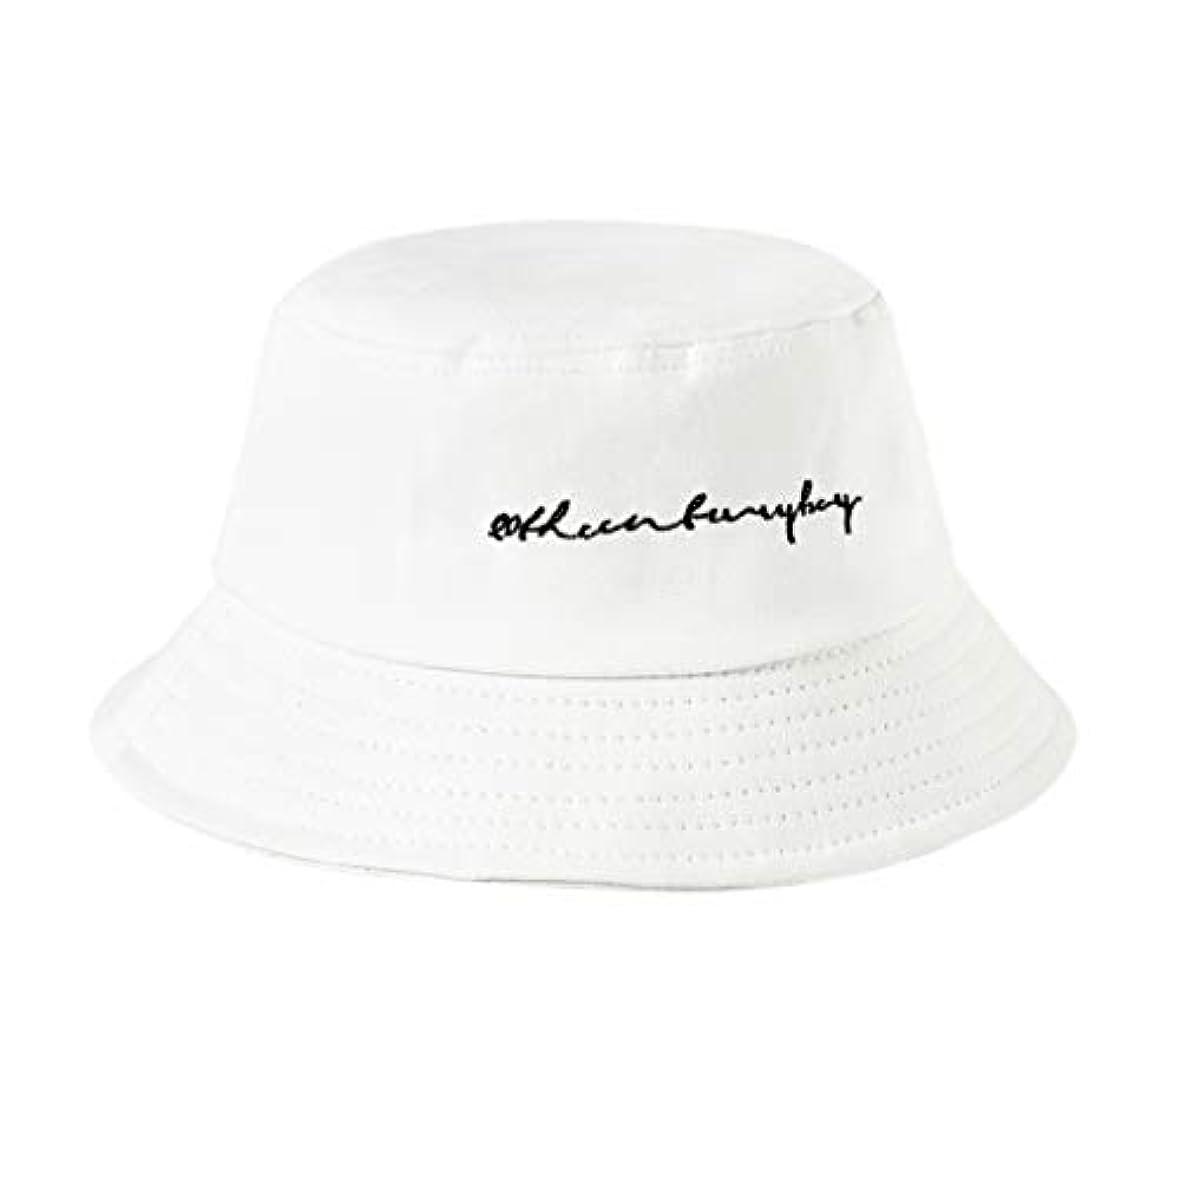 漂流紀元前均等にManyao 22色女性女の子面白い刺繍手紙広いつばバケツ帽子夏カジュアル原宿ヒップホップ学生スポーツ漁師キャップ